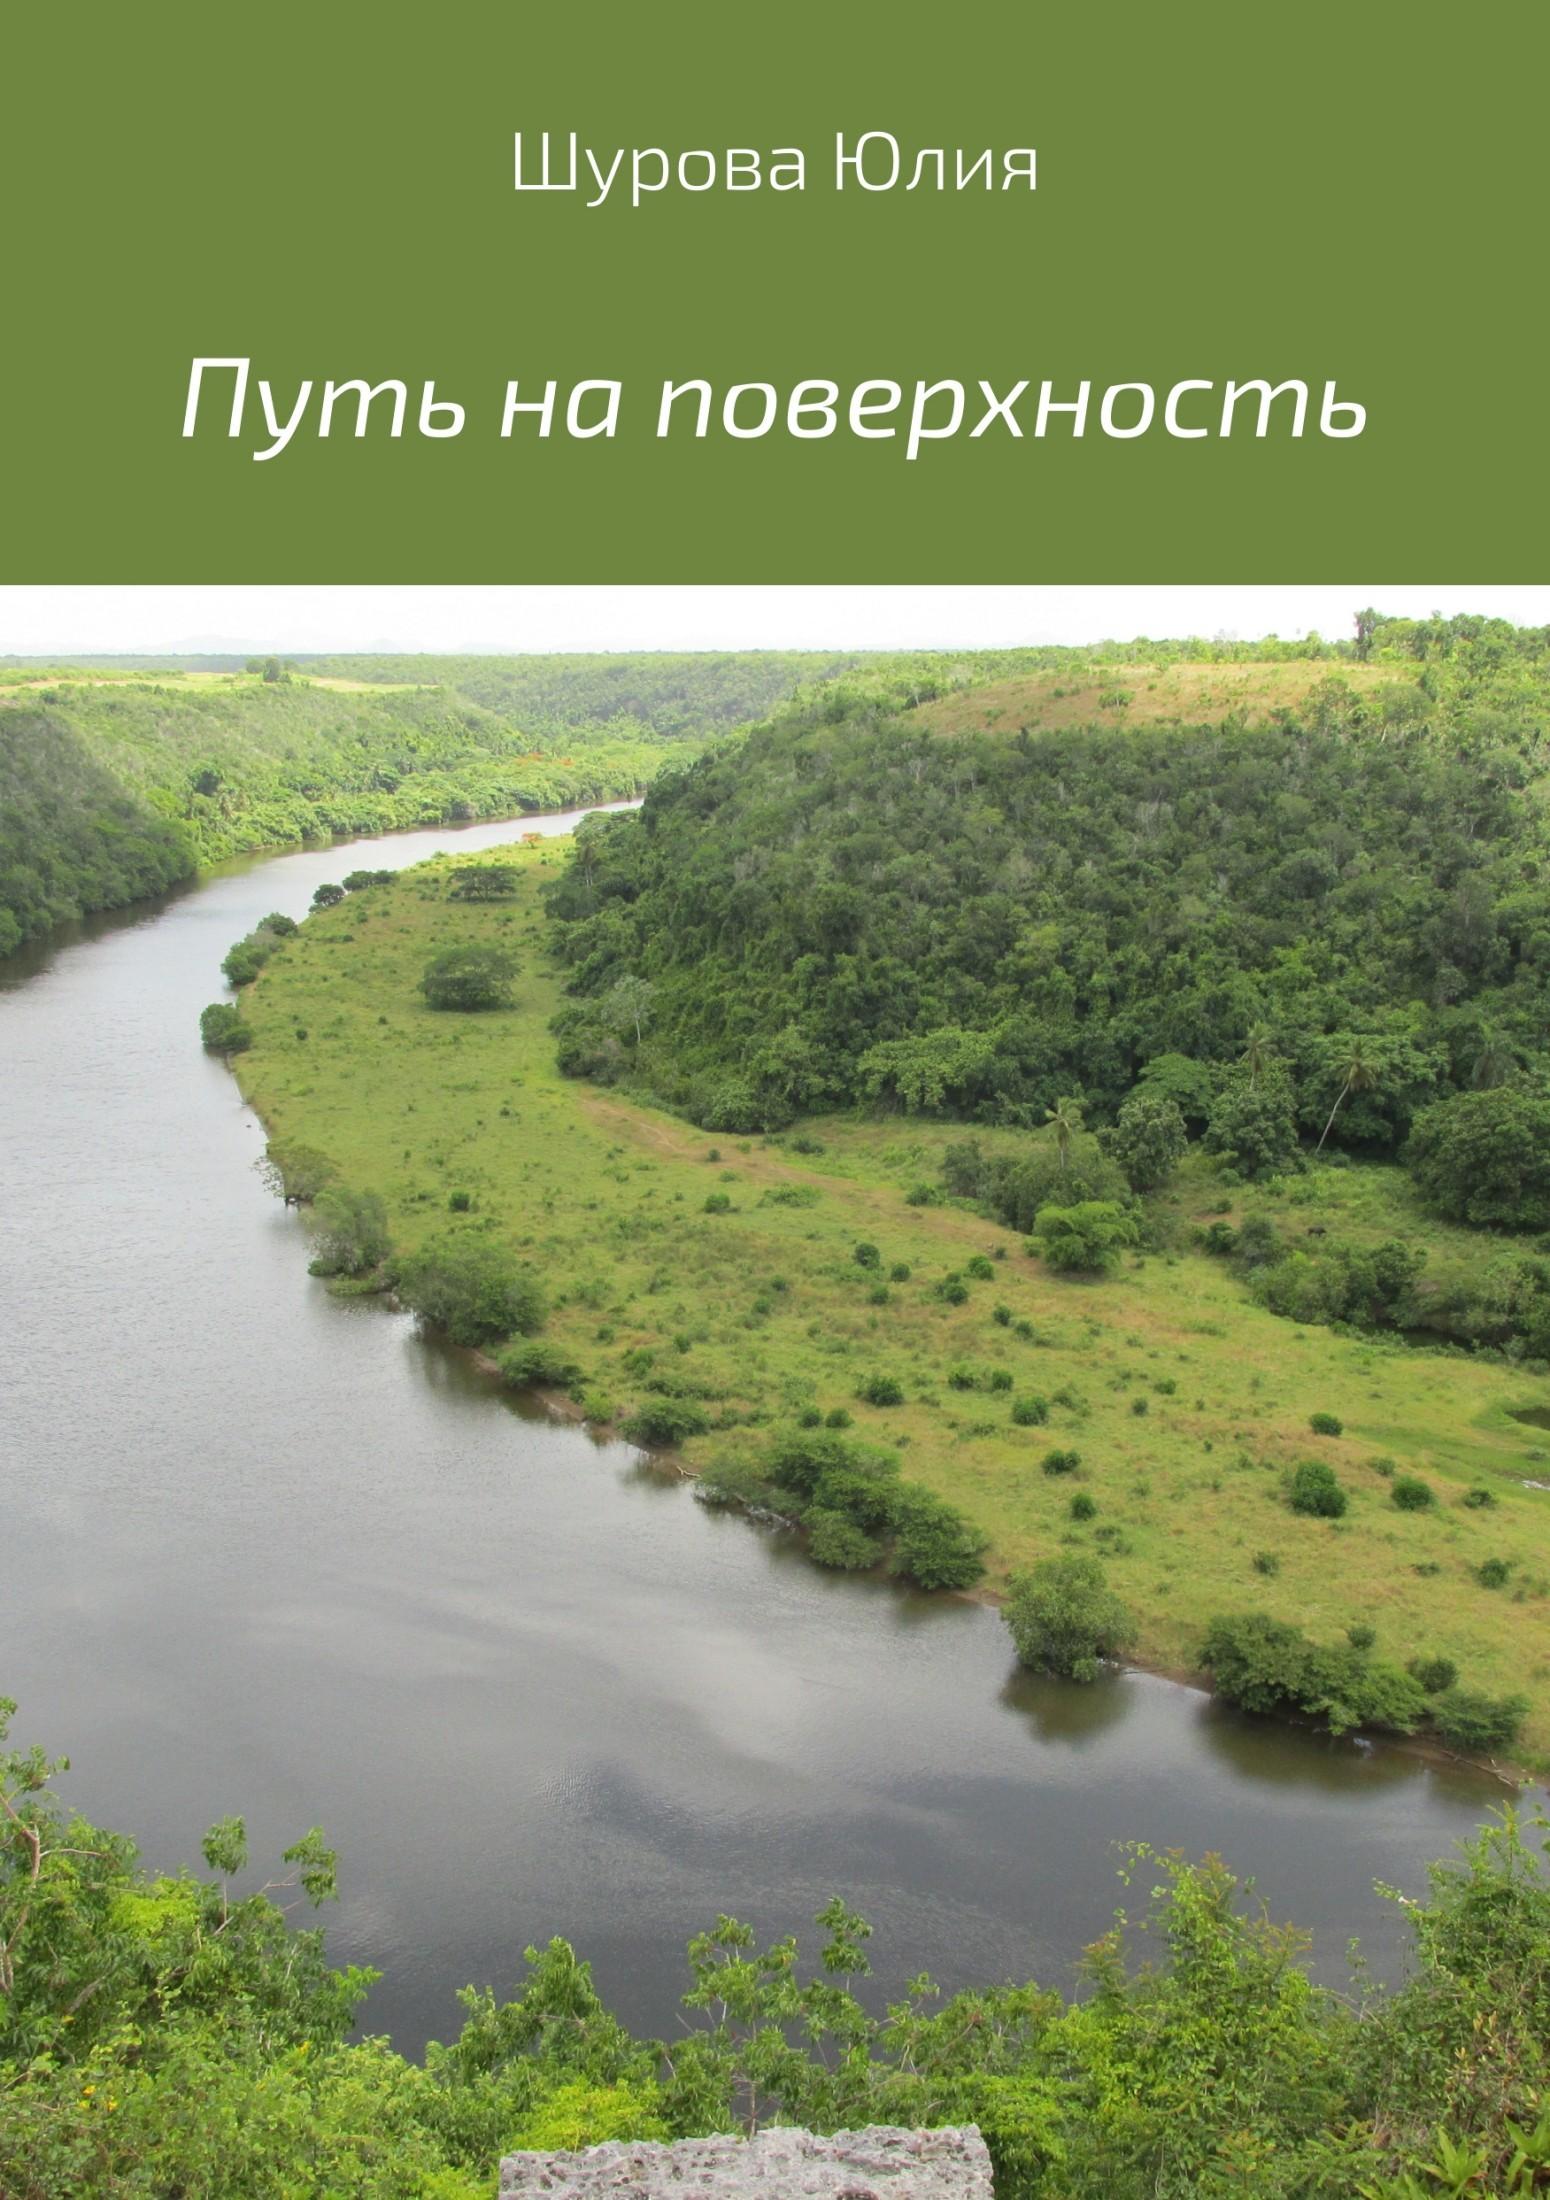 цена на Юлия Михайловна Шурова Путь на поверхность